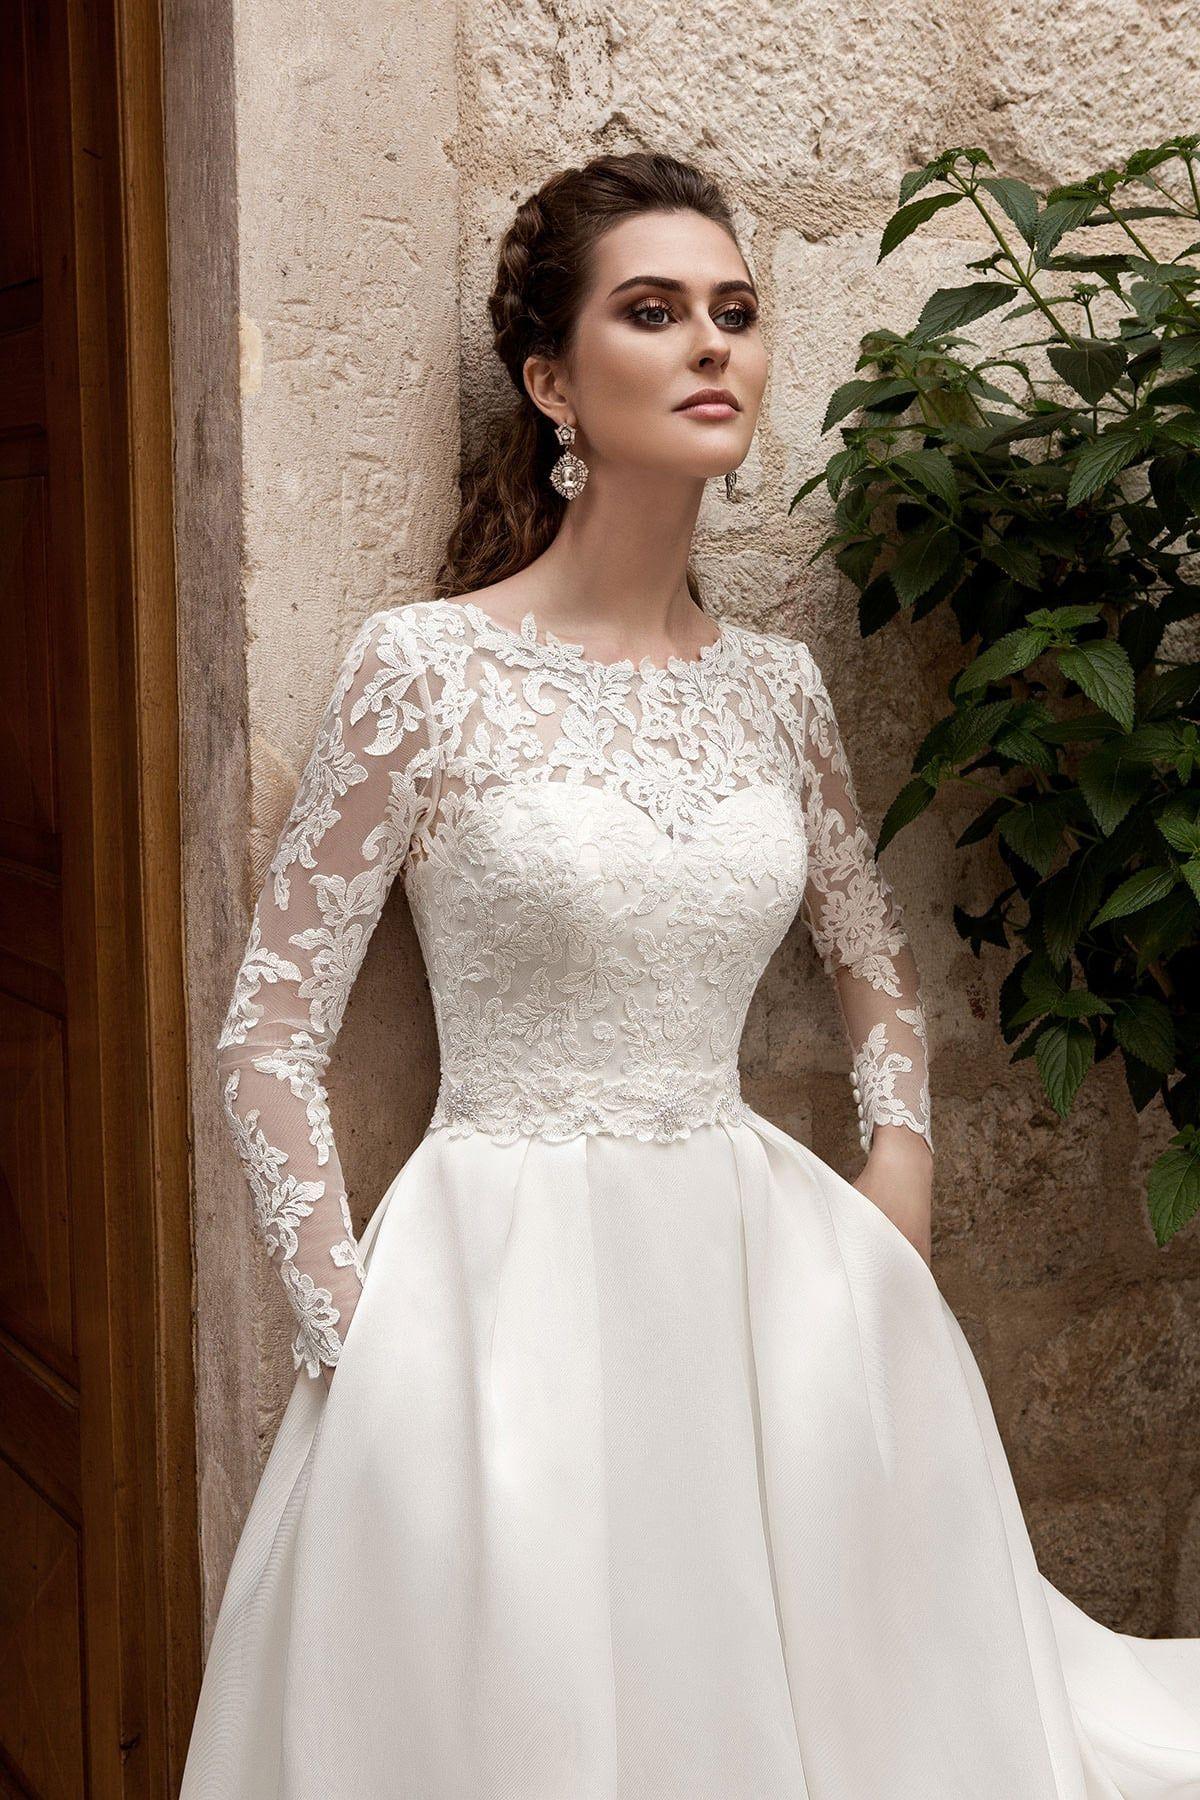 c5dc736bf6183c2 Закрытое свадебное платье с фактурными кружевными рукавами и скрытыми  карманами в юбке.